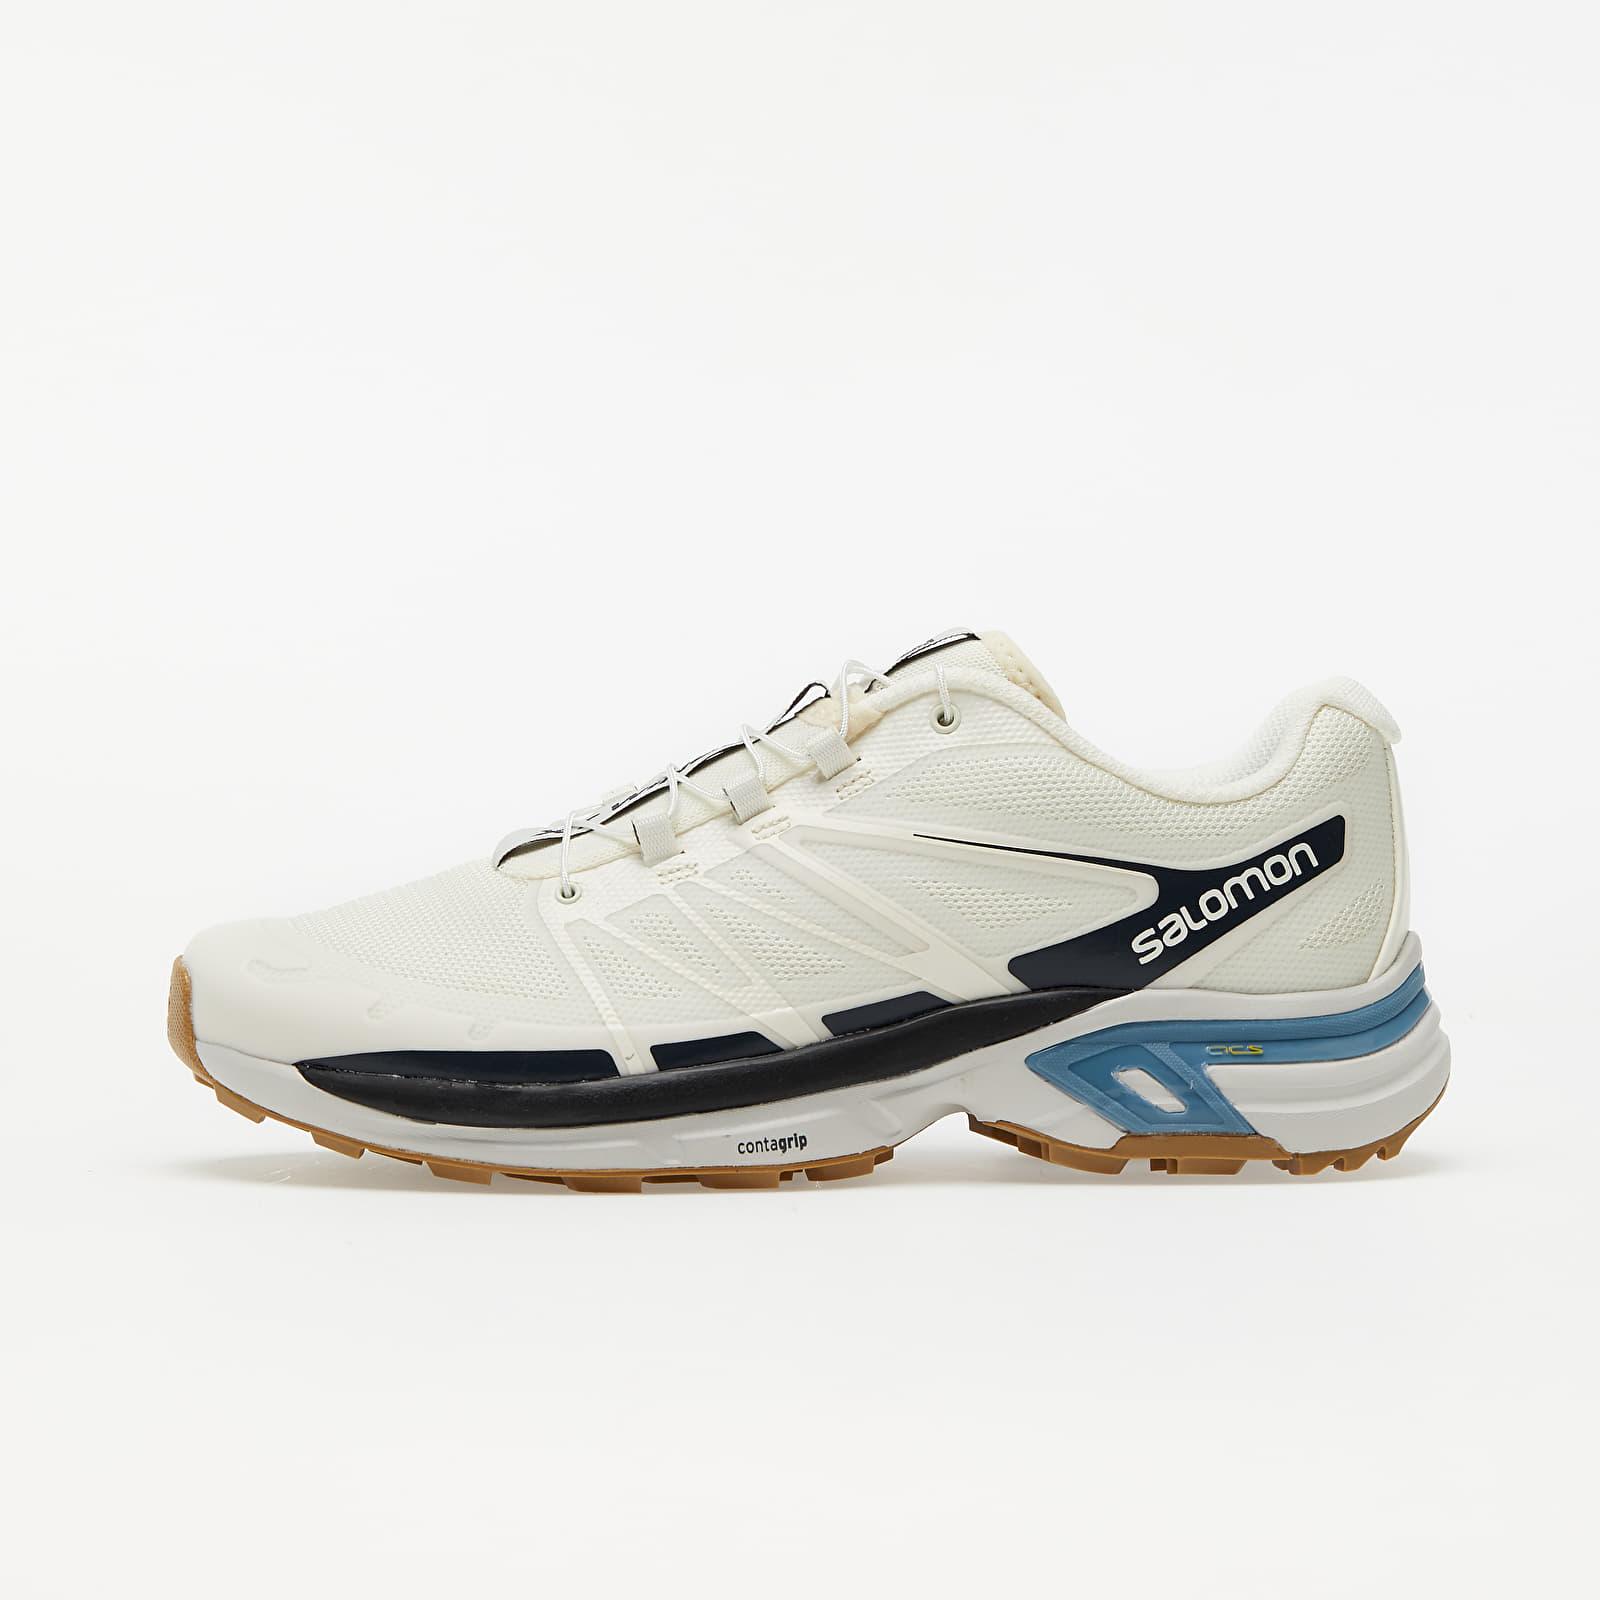 Încălțăminte și sneakerși pentru bărbați Salomon XT-Wings 2 Vanilla Ice/ Lunar Rock/ Ebony